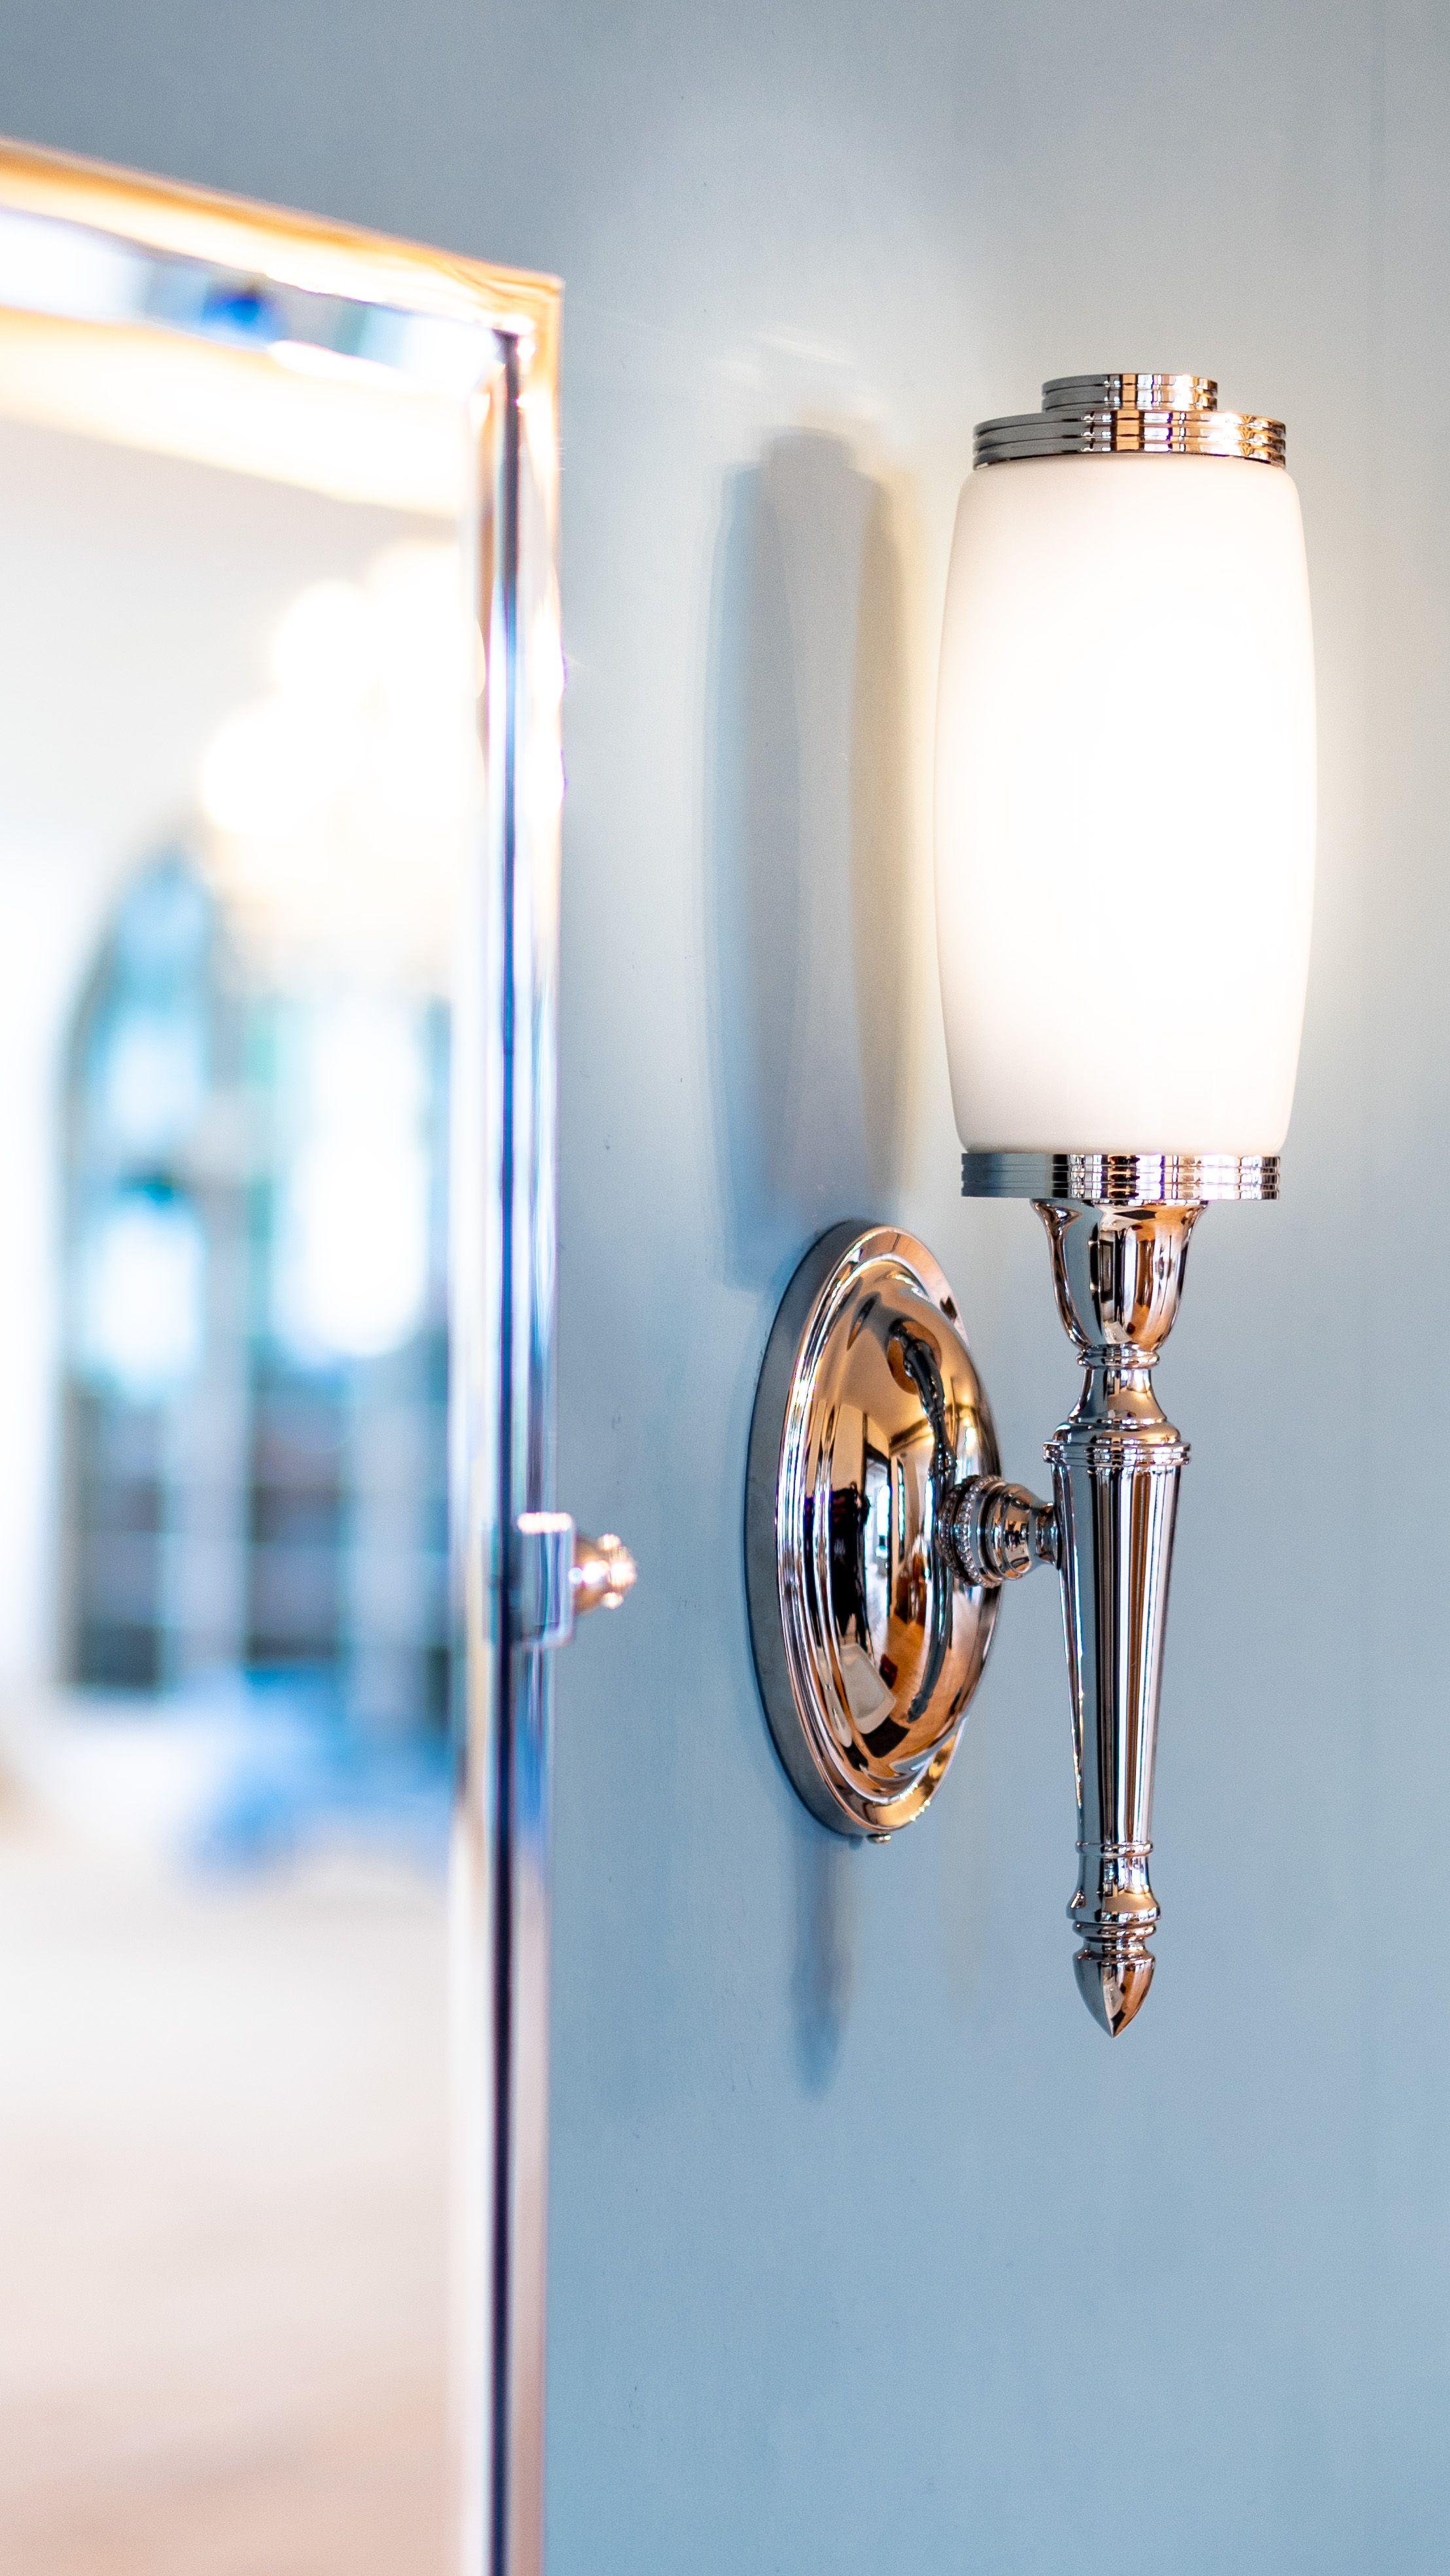 Nostalgie Badezimmerleuchte Badezimmerleuchten Badezimmerlampe Traditionelle Bader